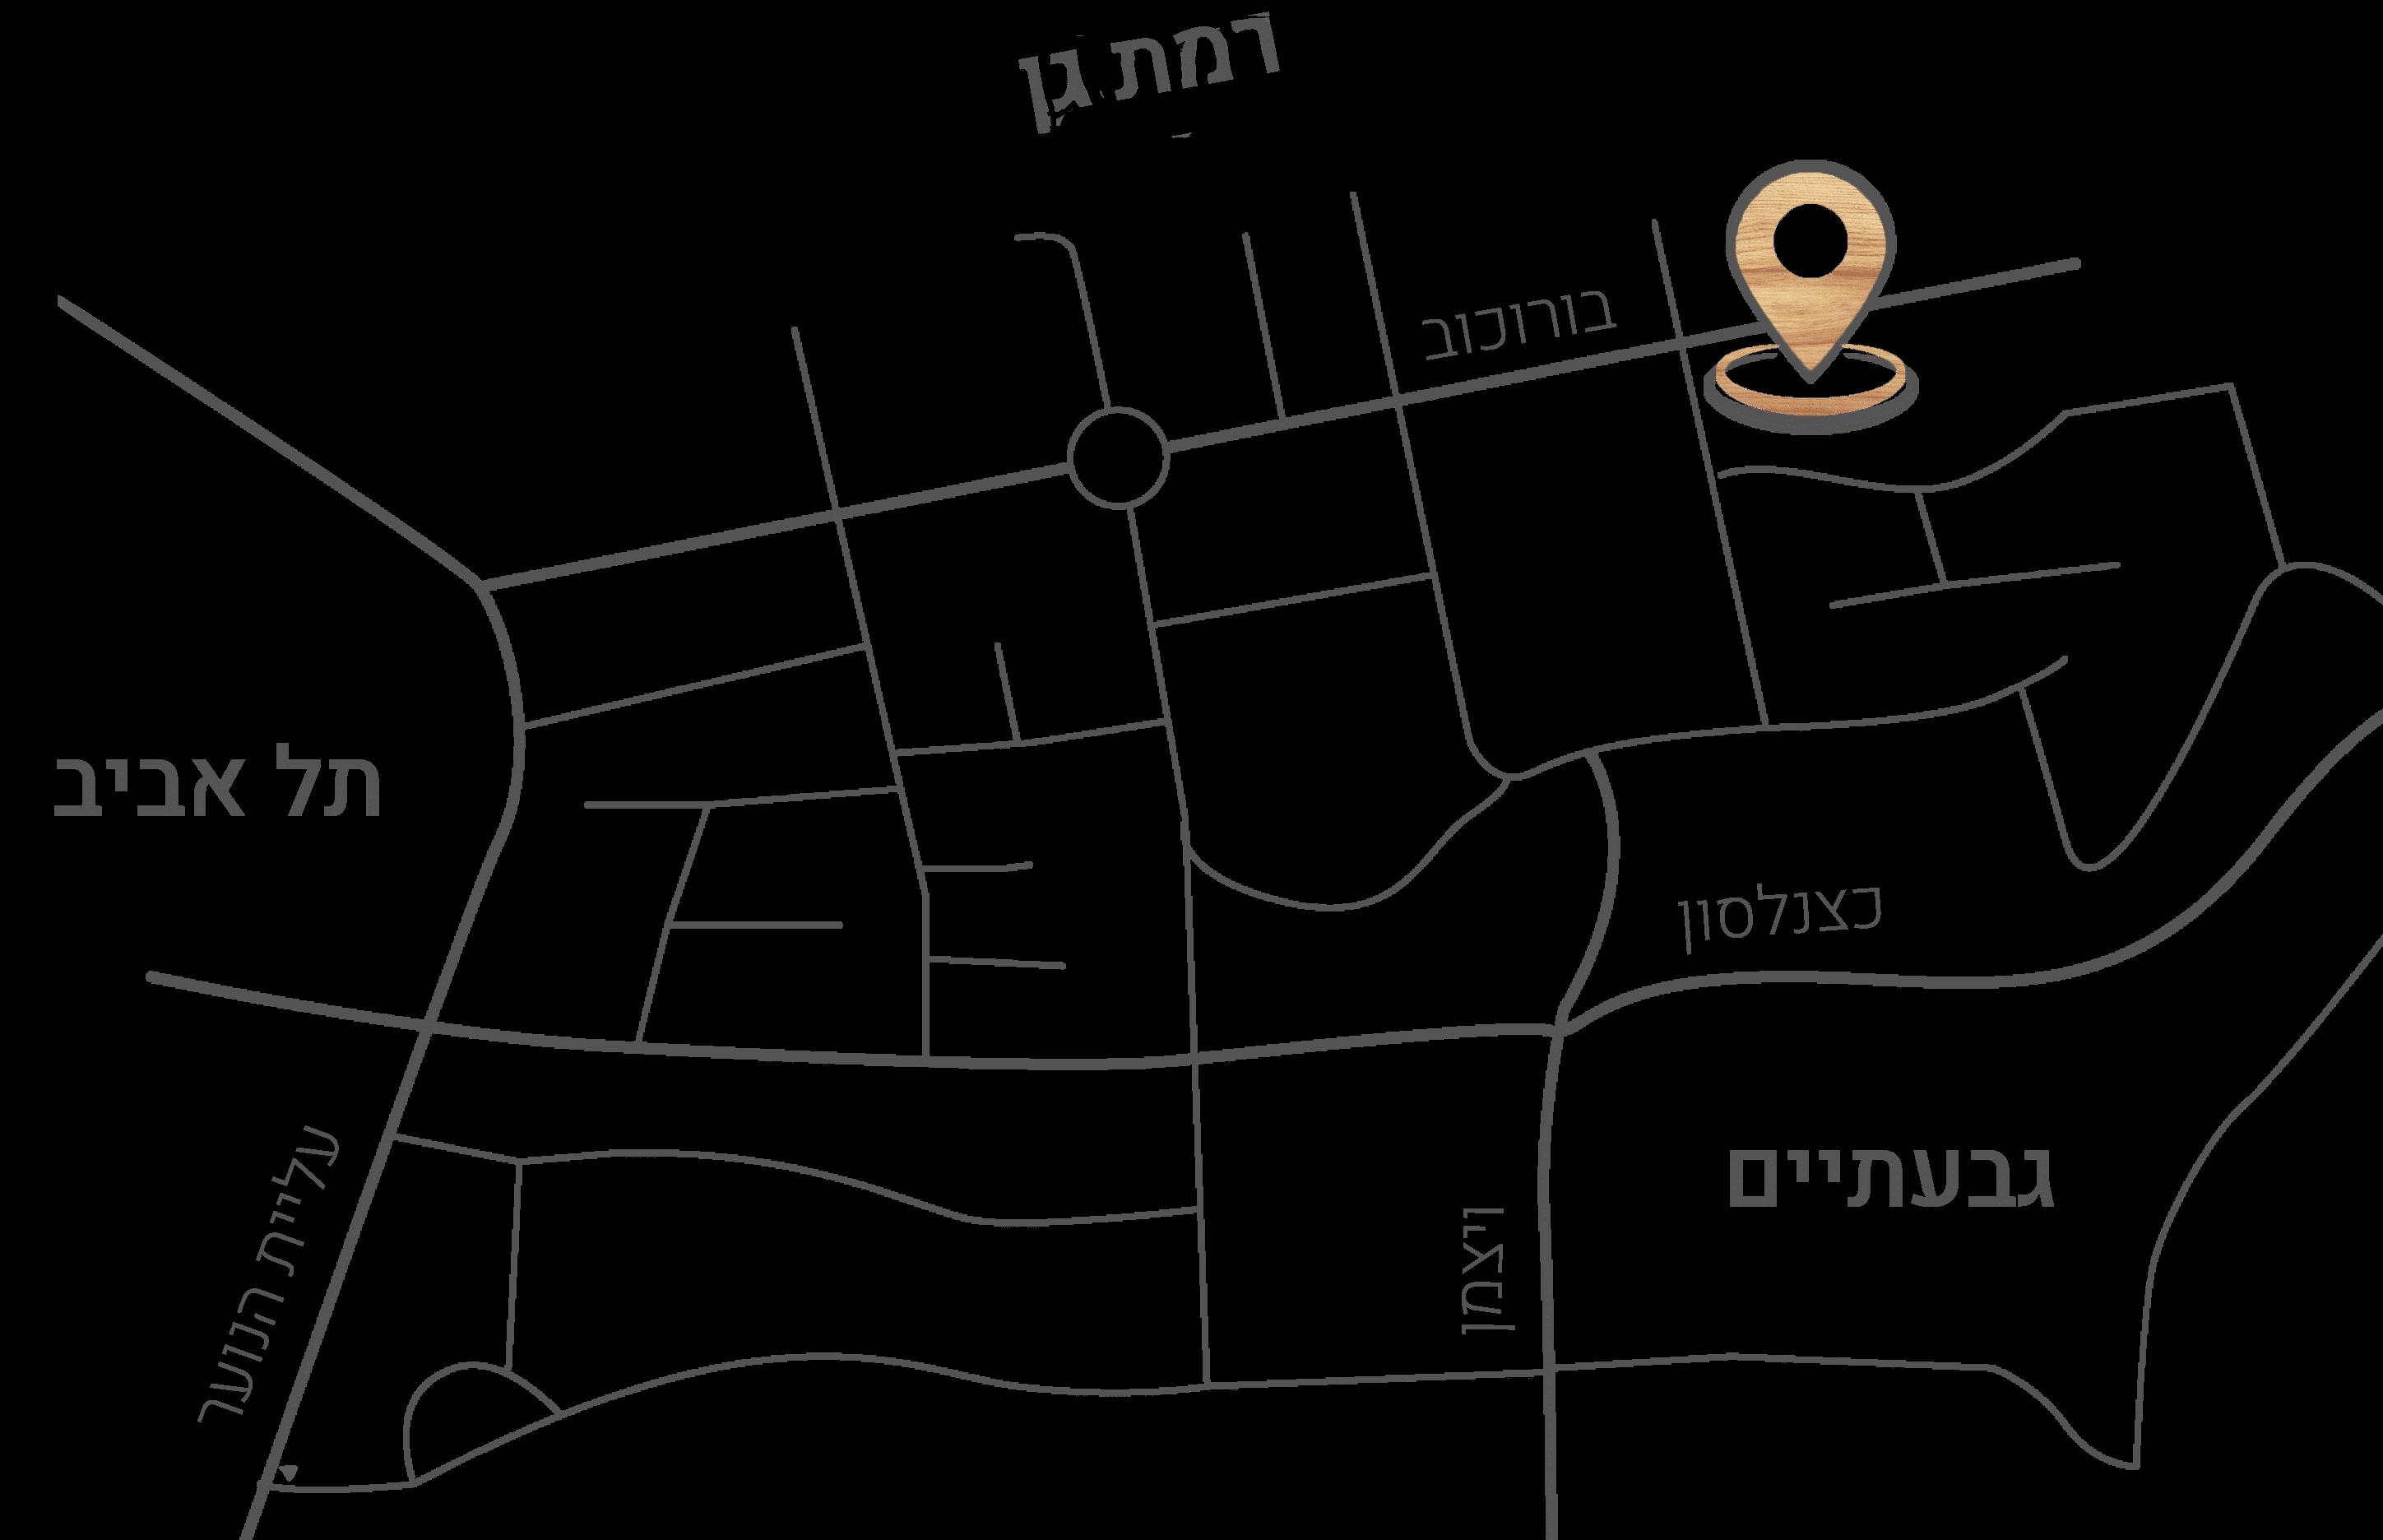 קניון פרנגלי מפת בורוכוב 54